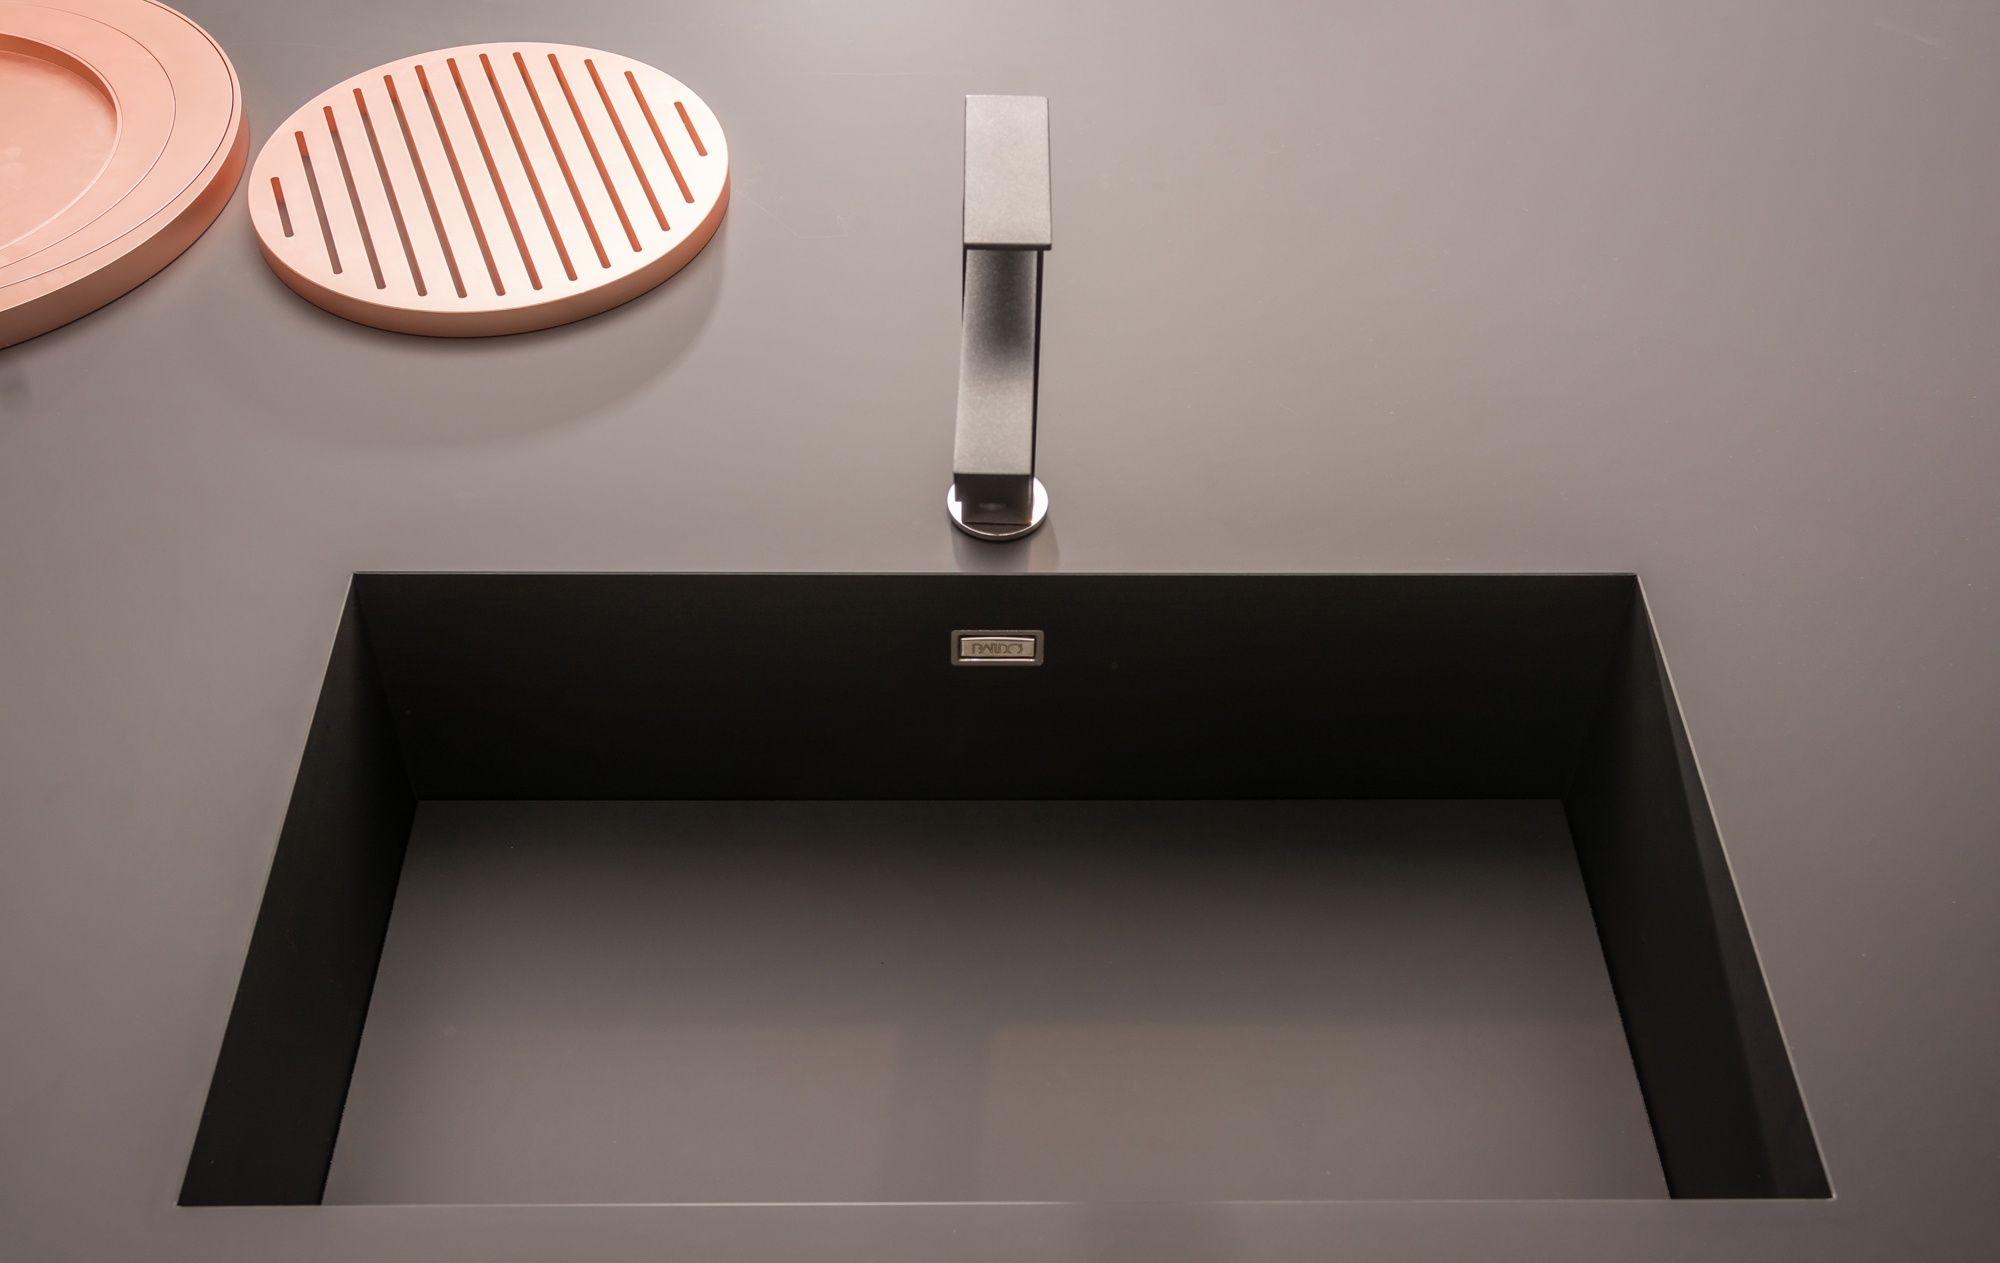 Fenix Ntm Anwendungsbeispiele Mobel Und Interior Design Kuche Schwarz Kuche Arbeitsplatte